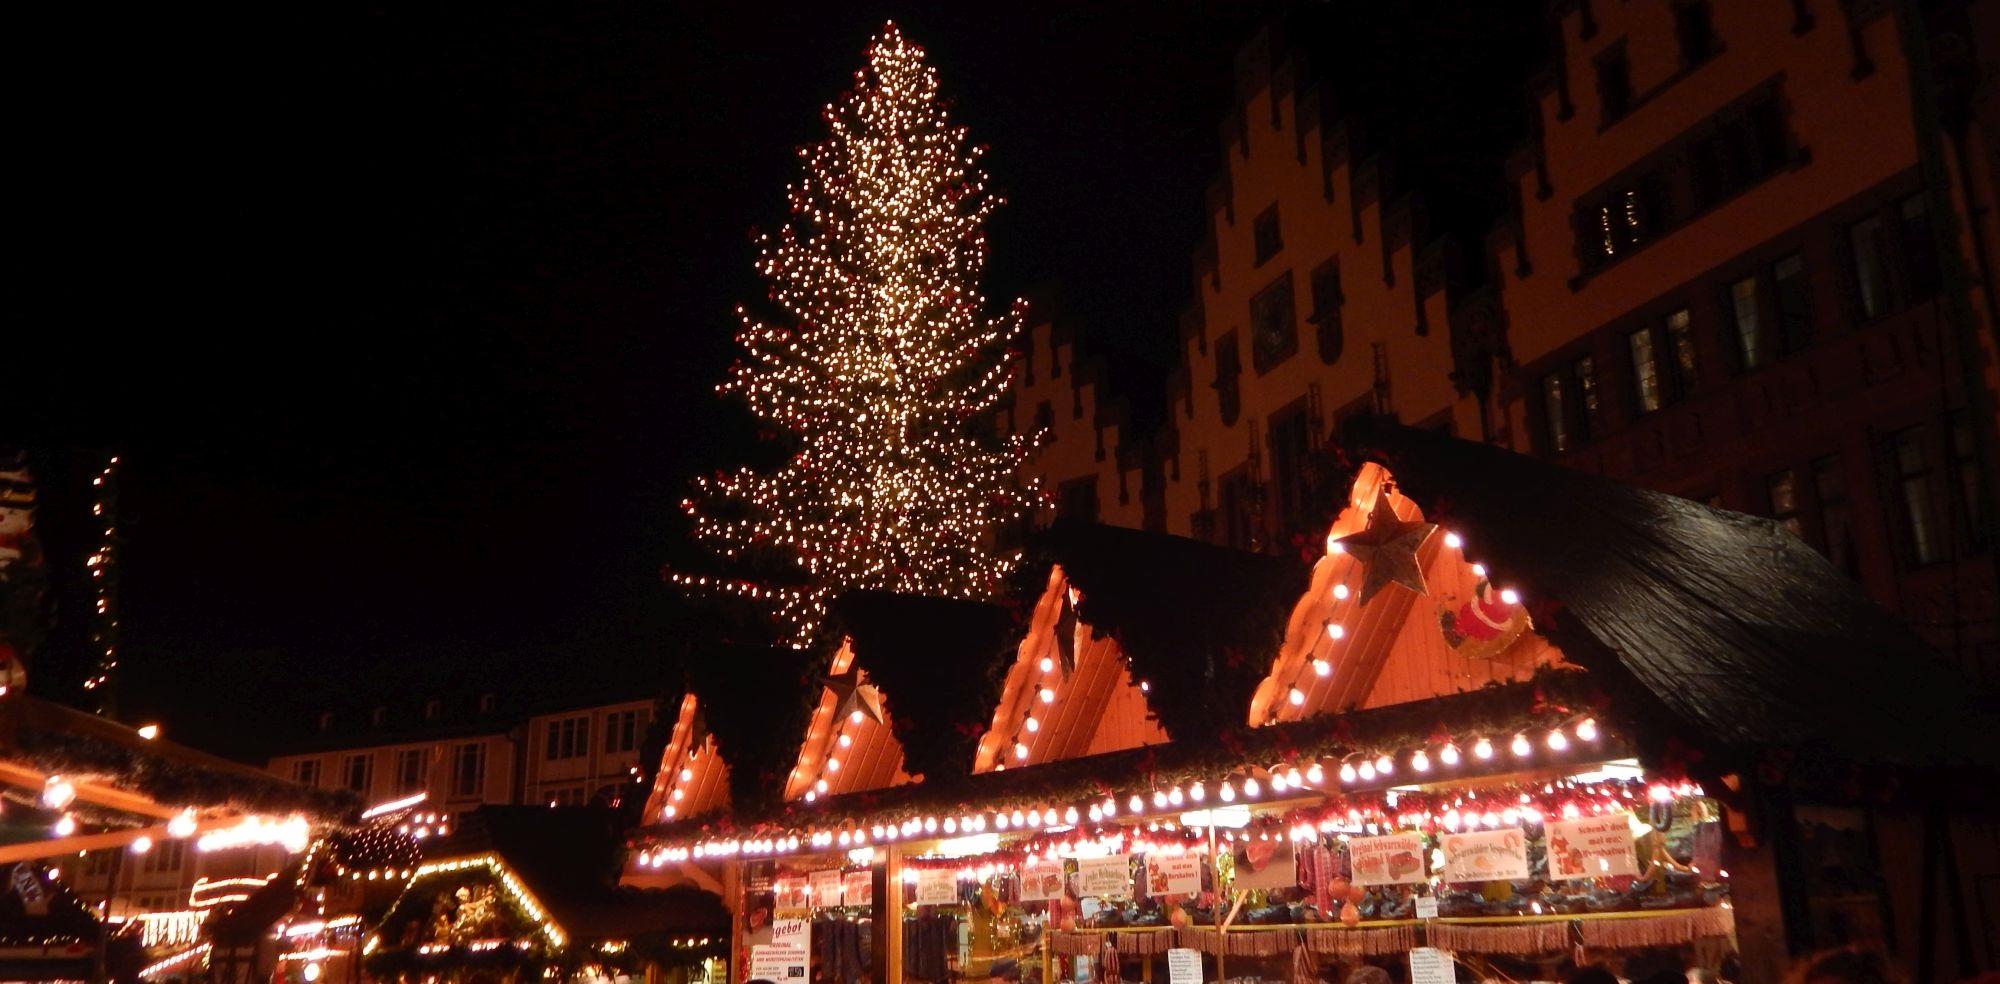 Wo Ist Der Größte Weihnachtsmarkt.Die Größten Und Schönsten Weihnachtsmärkte In Frankfurt Und Rhein Main